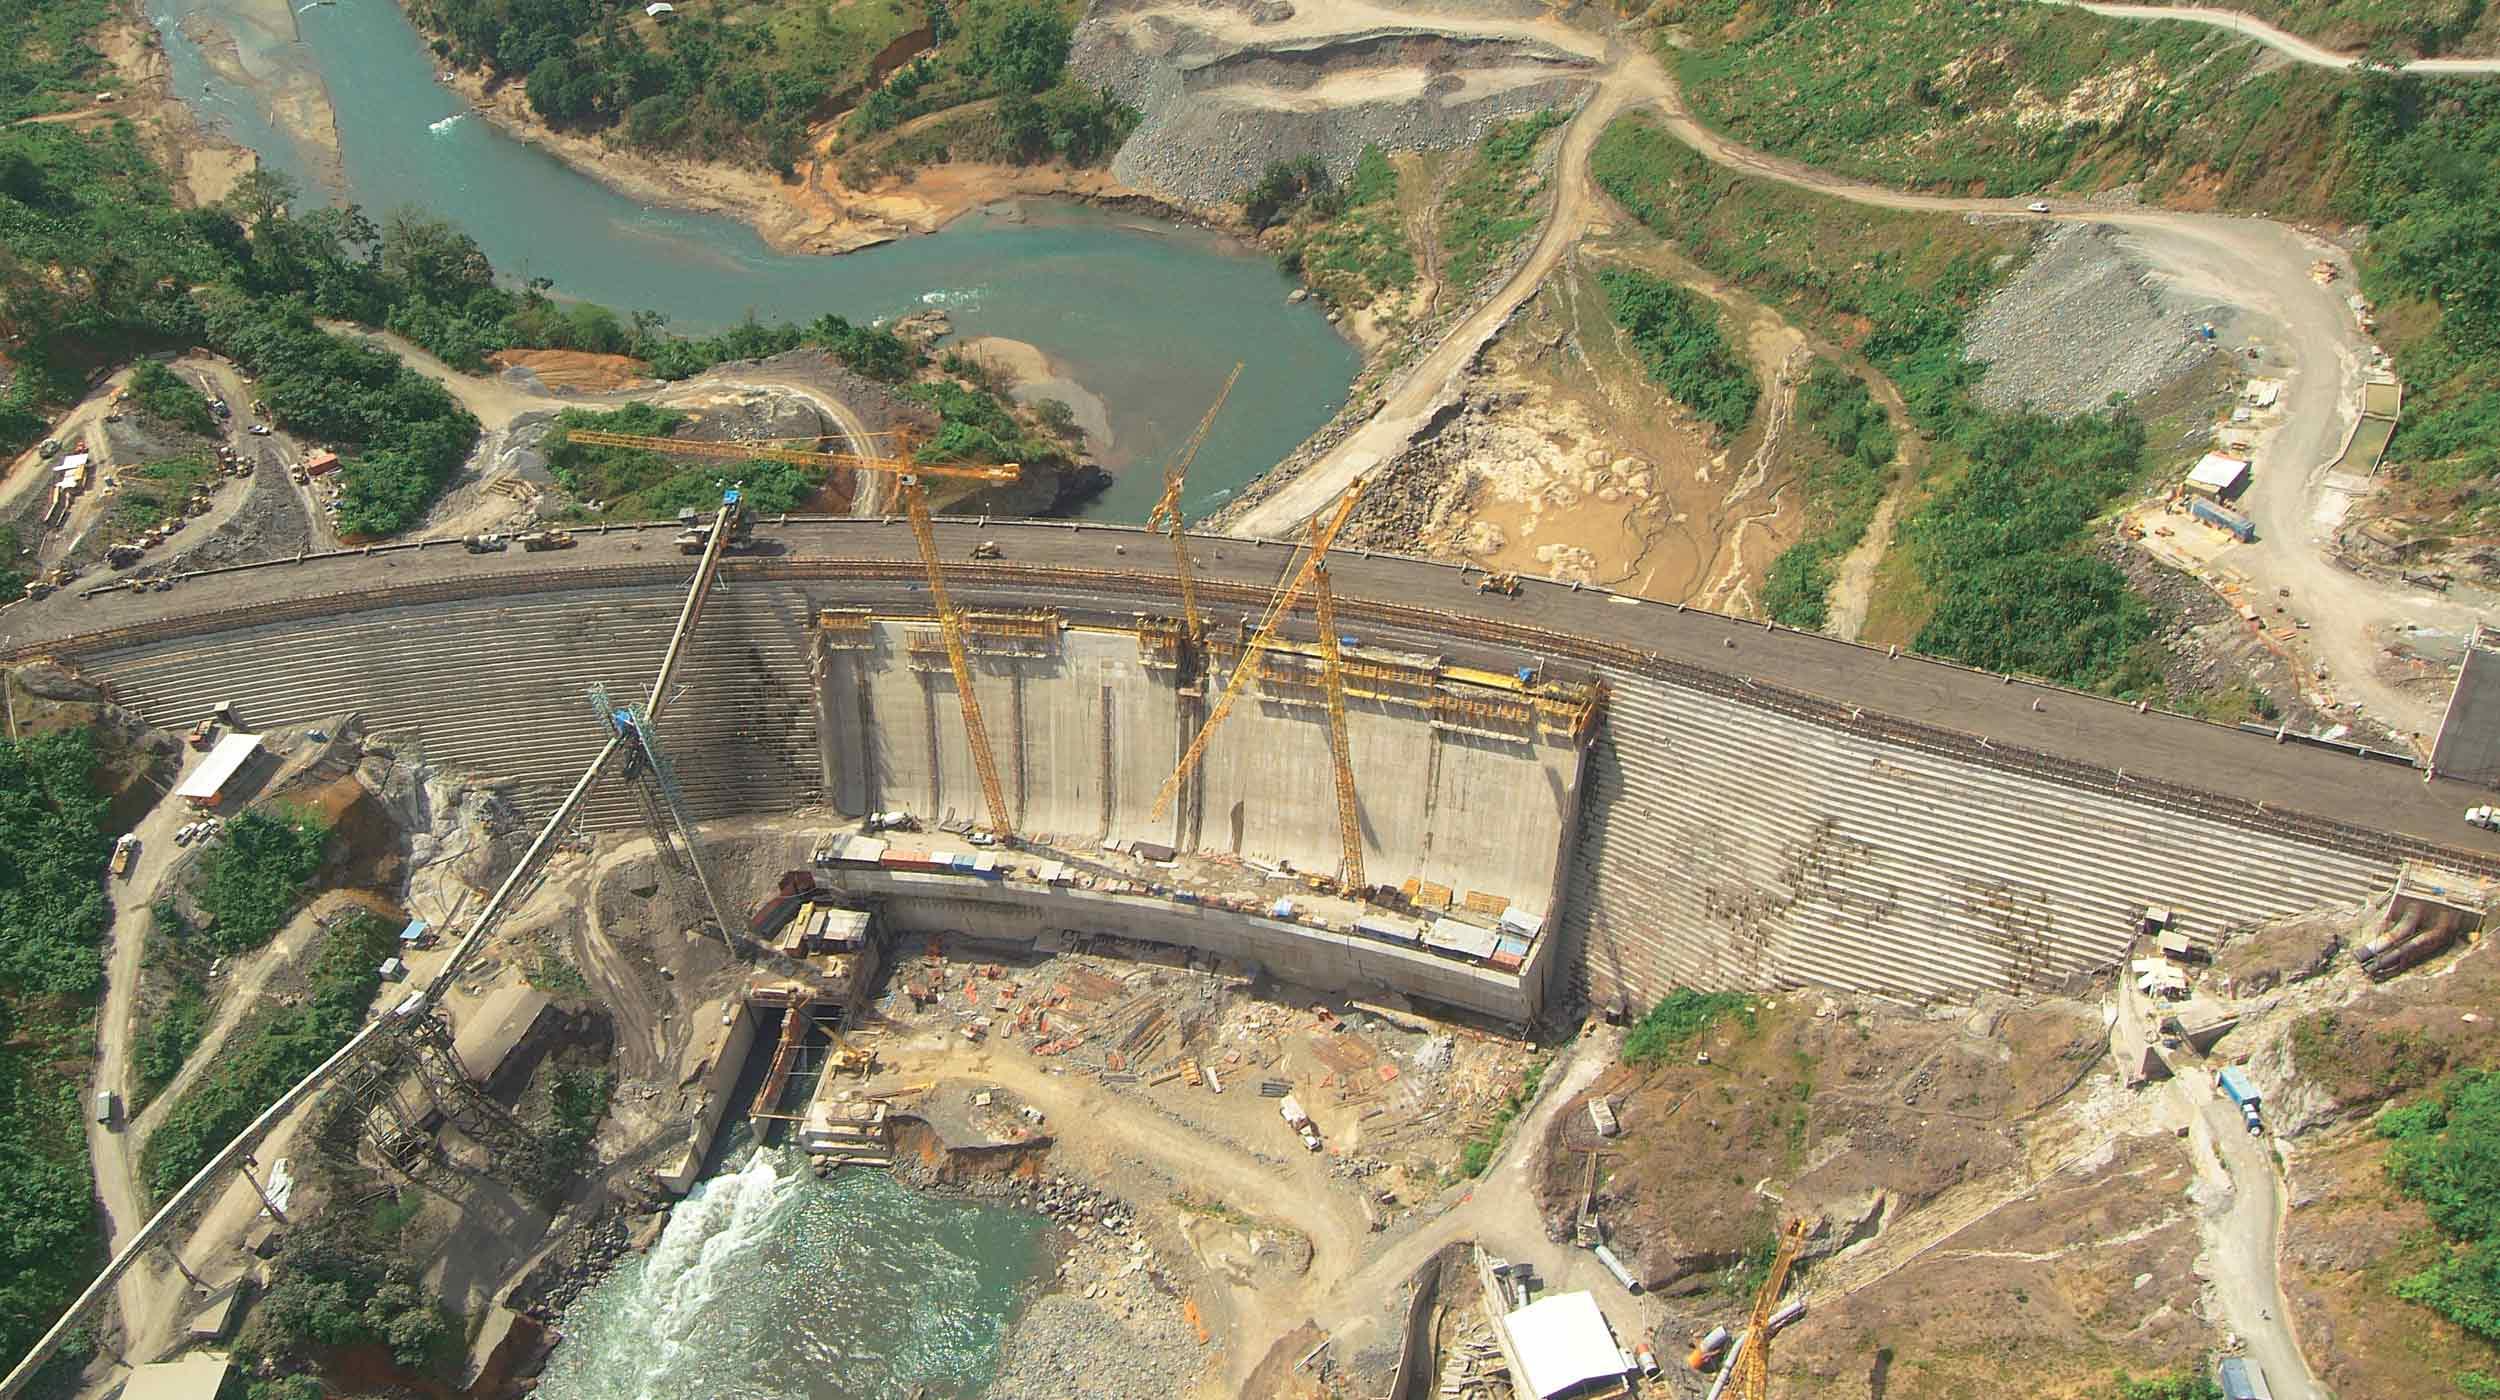 Esta gran obra, ubicada en la provincia panameña de Bocas del Toro, contempla en su fase principal la presa del futuro embalse en el río Changuinola, que tendrá una capacidad de 223 MW.